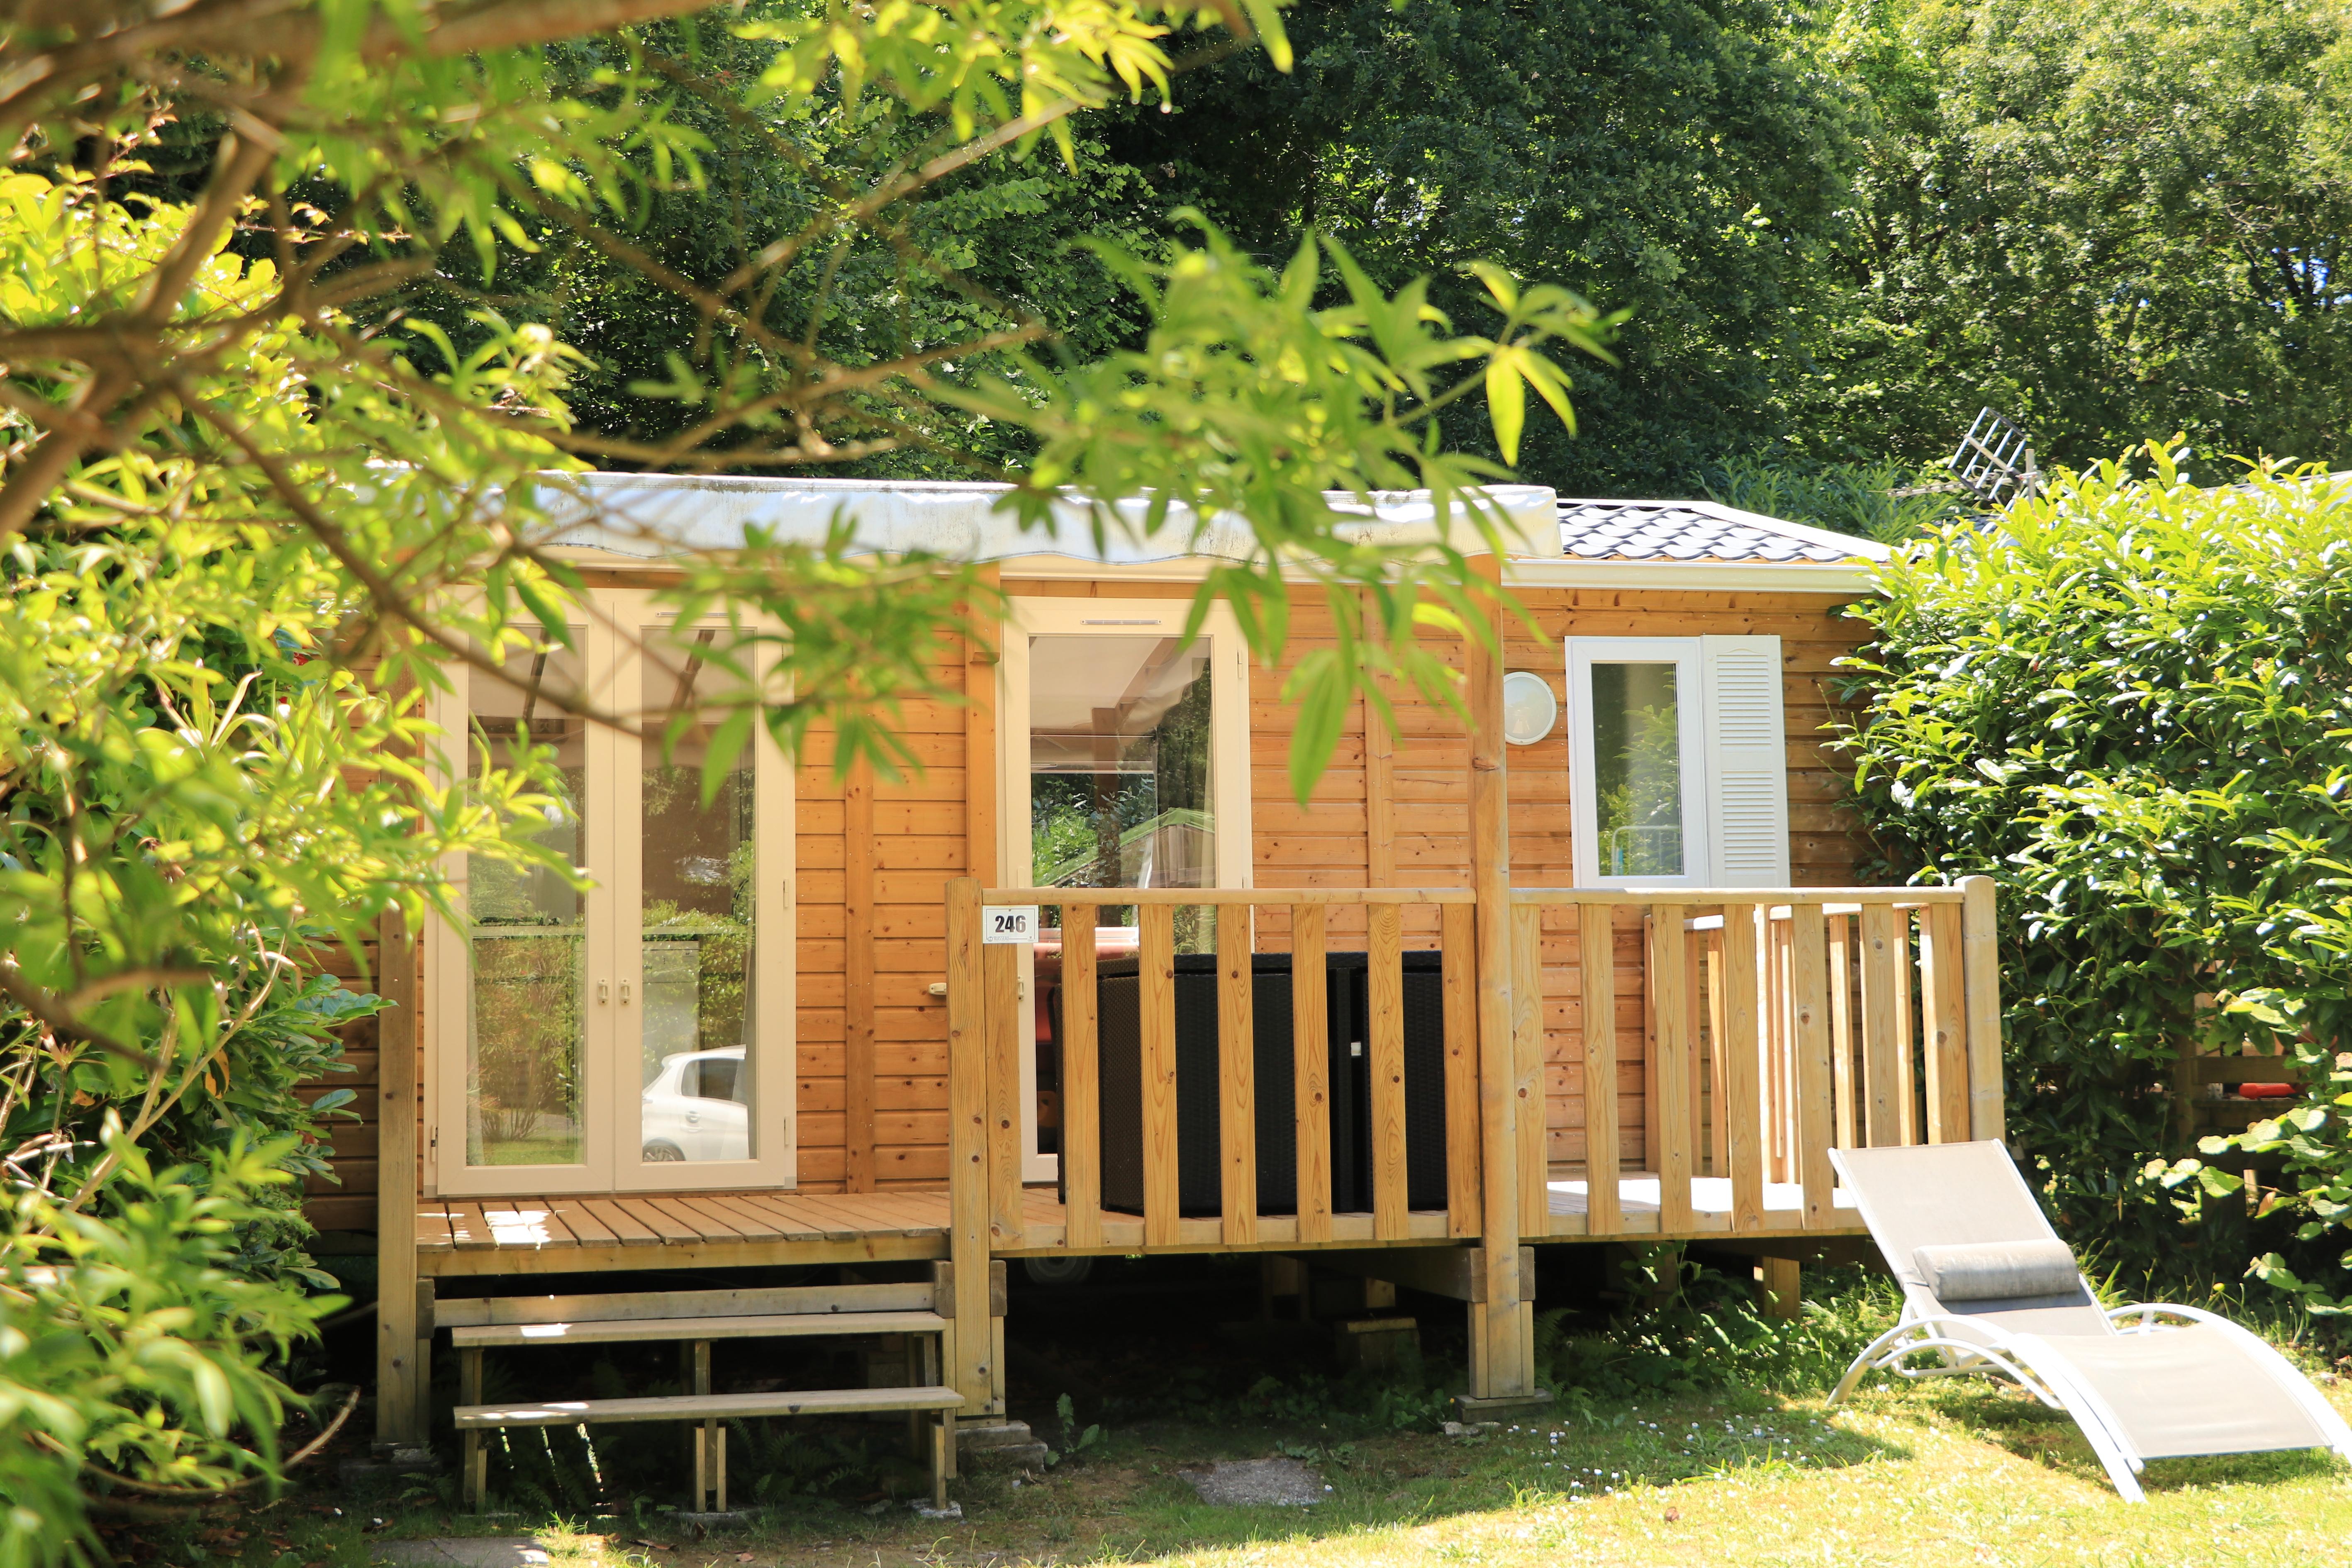 Vue extérieure du cottage Cosy avec terrasse - Camping Biarritz